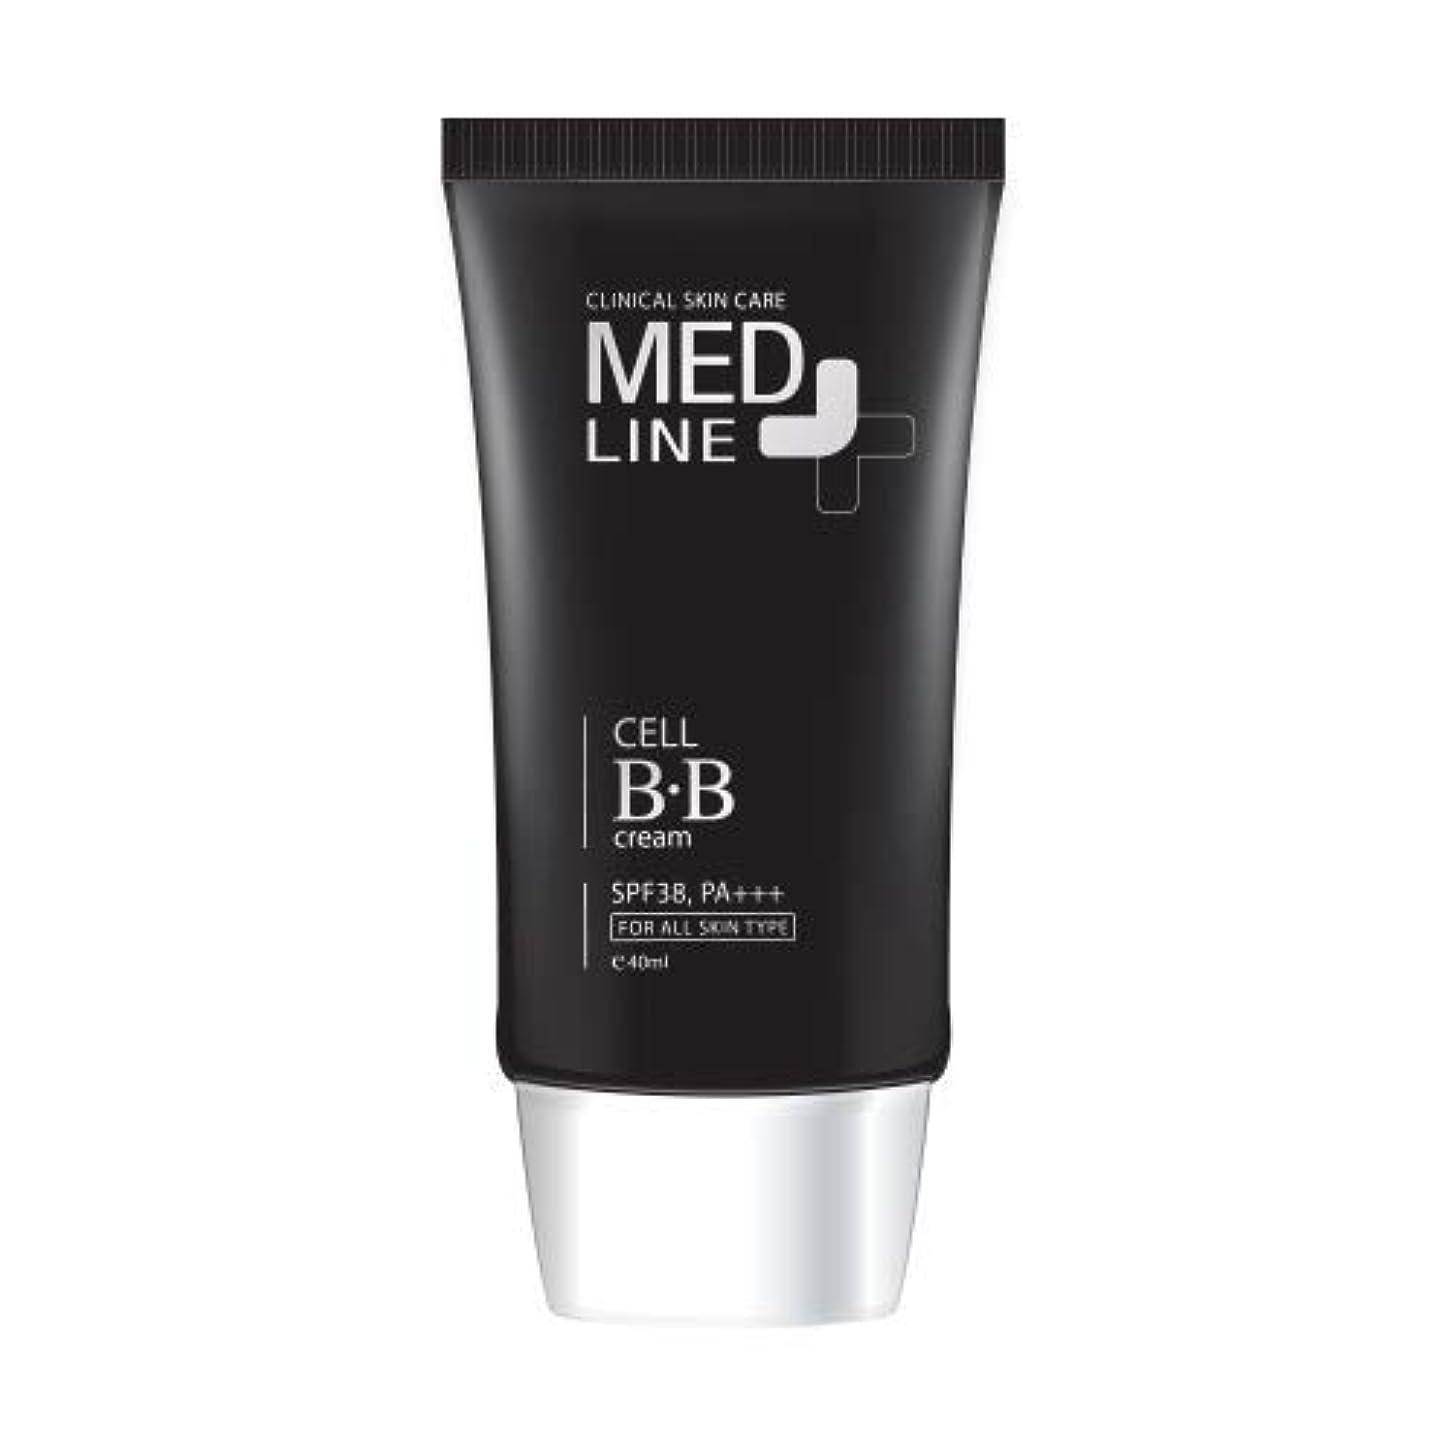 二年生デンマーク語ハロウィンメドライン(Med Line) セルBBクリーム(Cell B.B Cream)